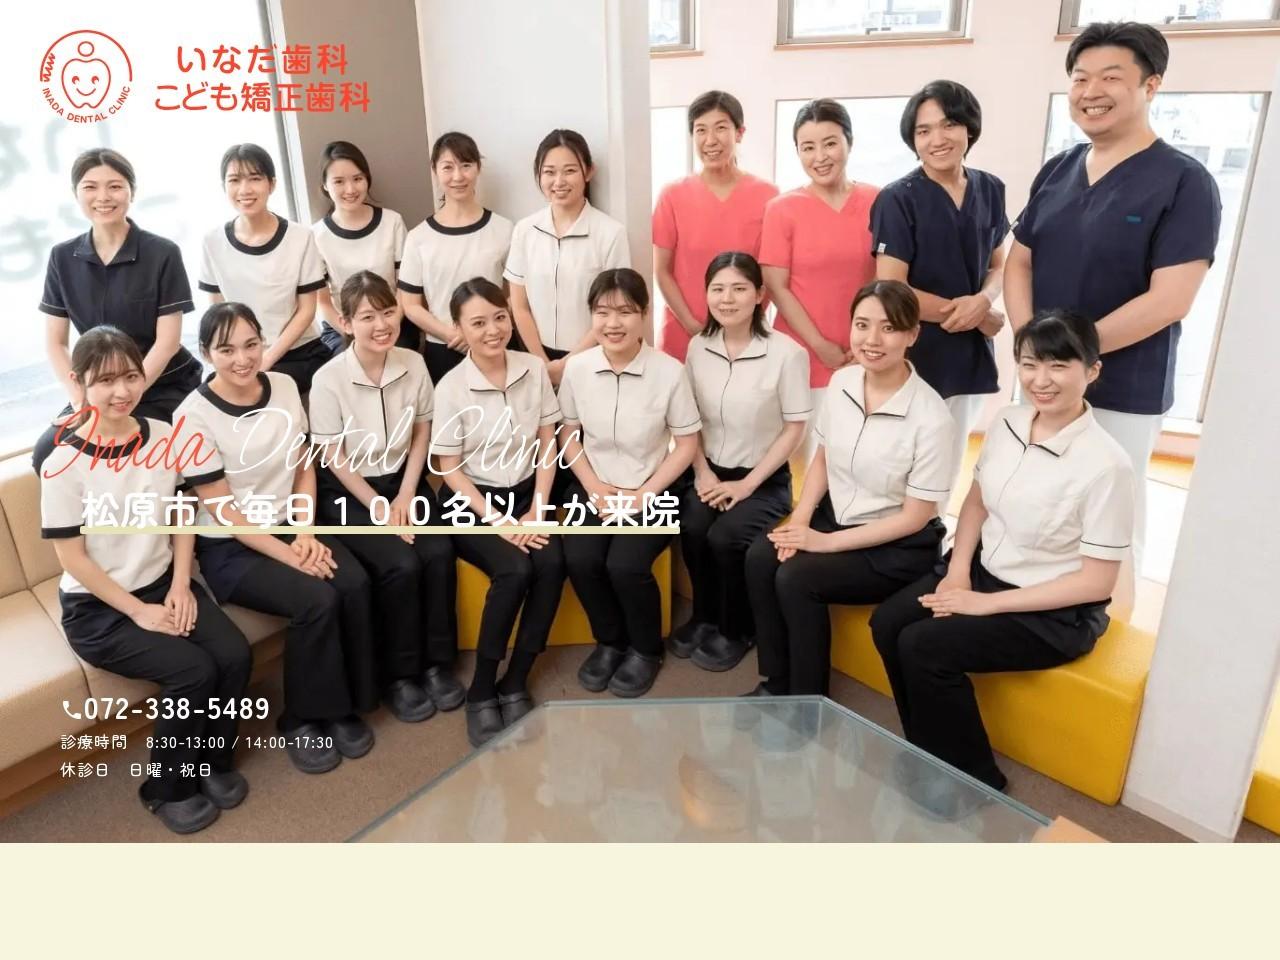 いなだ歯科 (大阪府松原市)